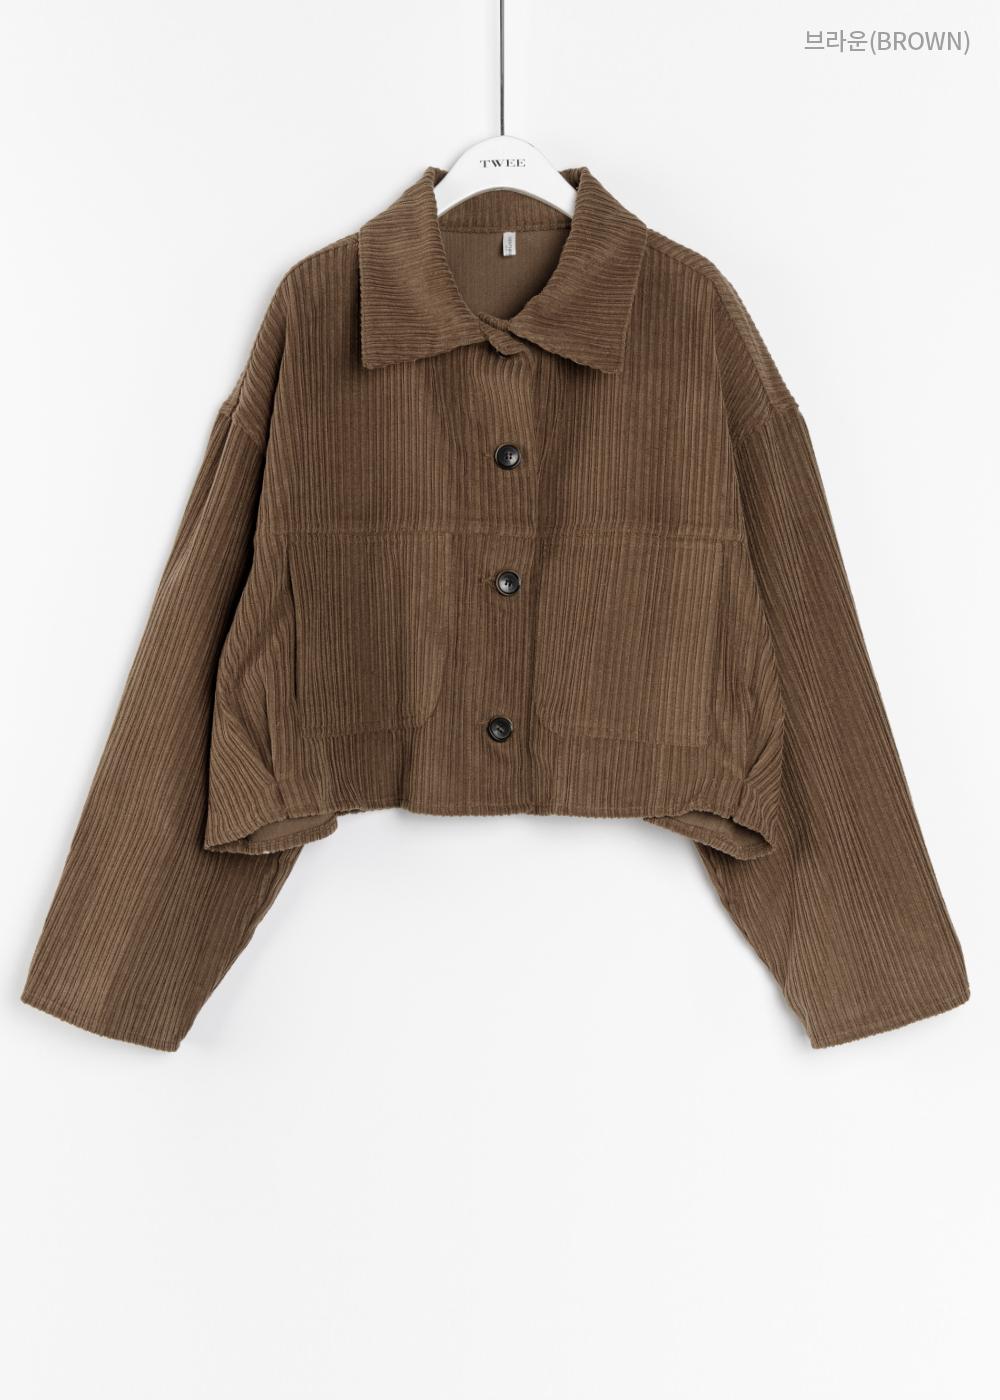 Corduroy short jacket